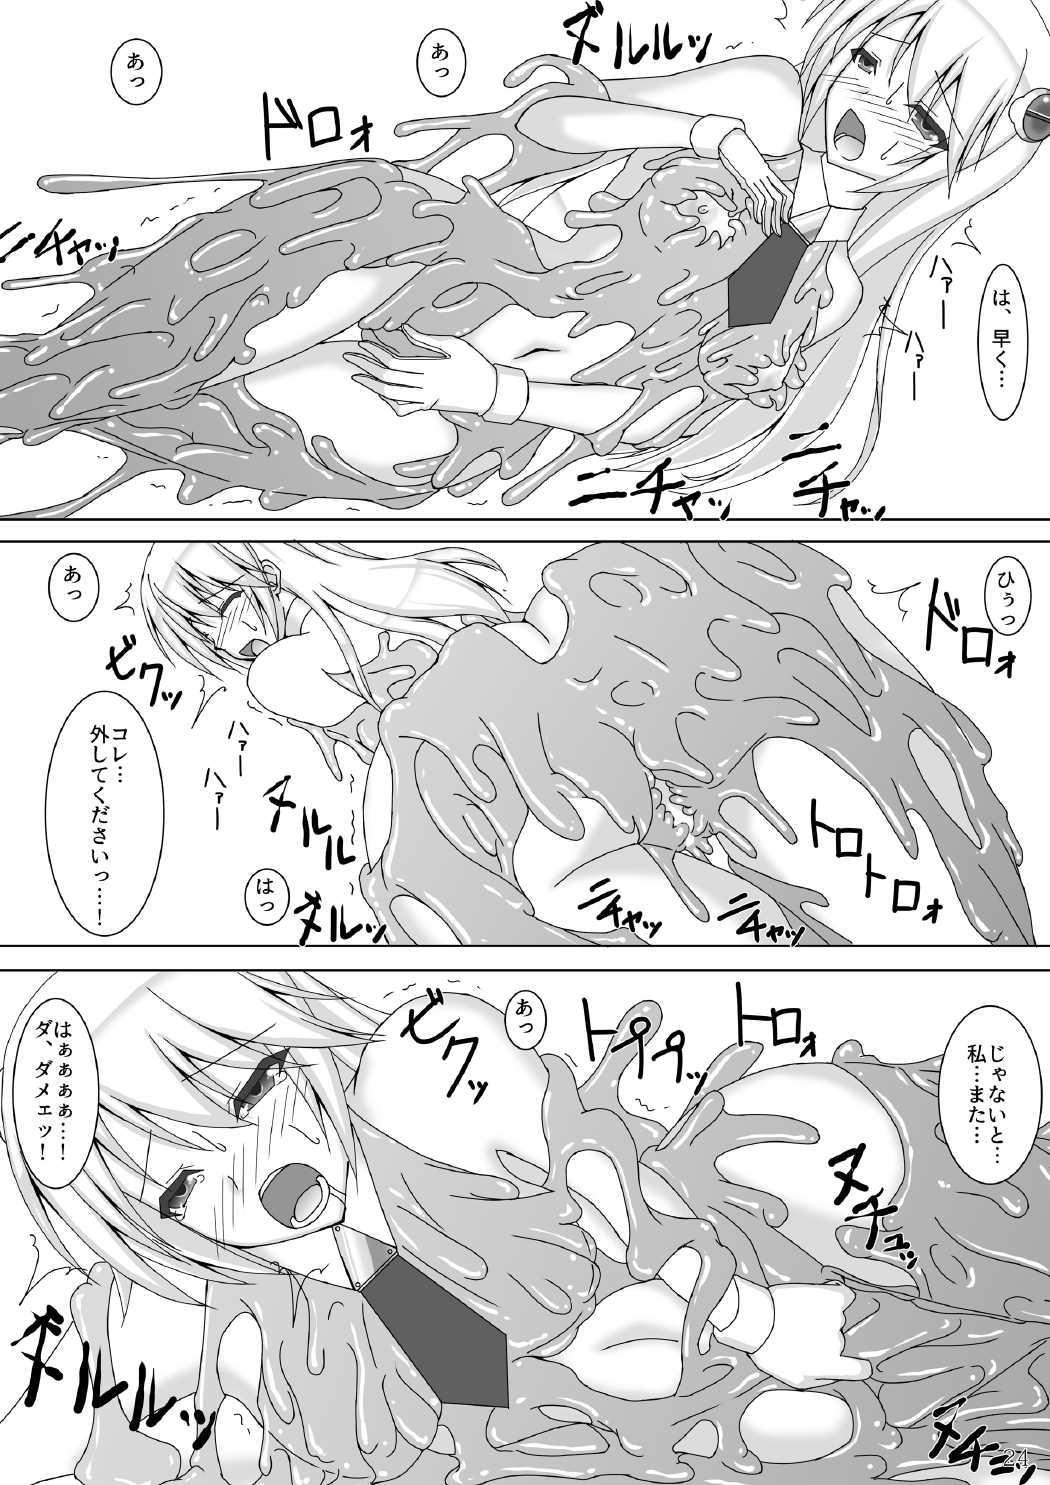 Arakune ga Kirai na Noel Nanka Imasen! Sanshiki 24